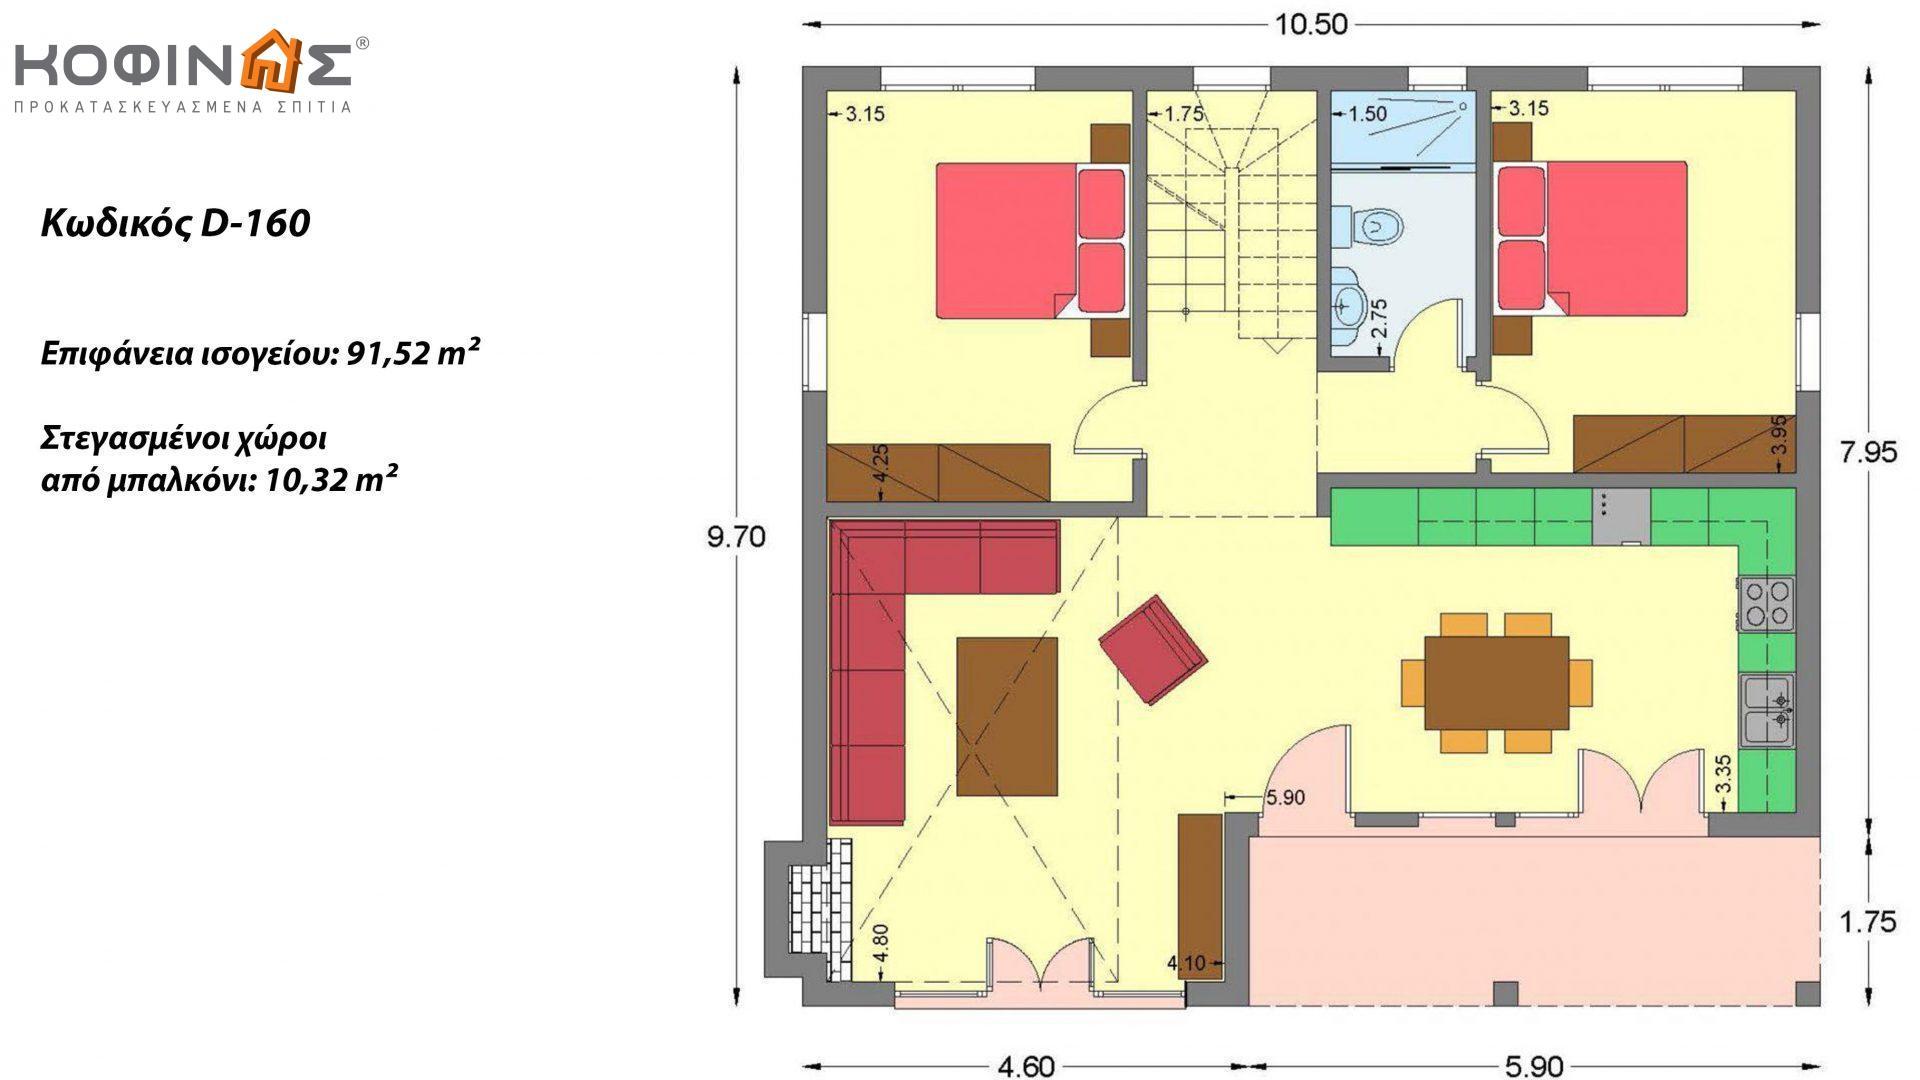 Διώροφη Κατοικία D-160, συνολικής επιφάνειας 160.52 τ.μ, συνολική επιφάνεια στεγασμένων χώρων 24.72 τ.μ., μπαλκόνια 10.32 τ.μ.